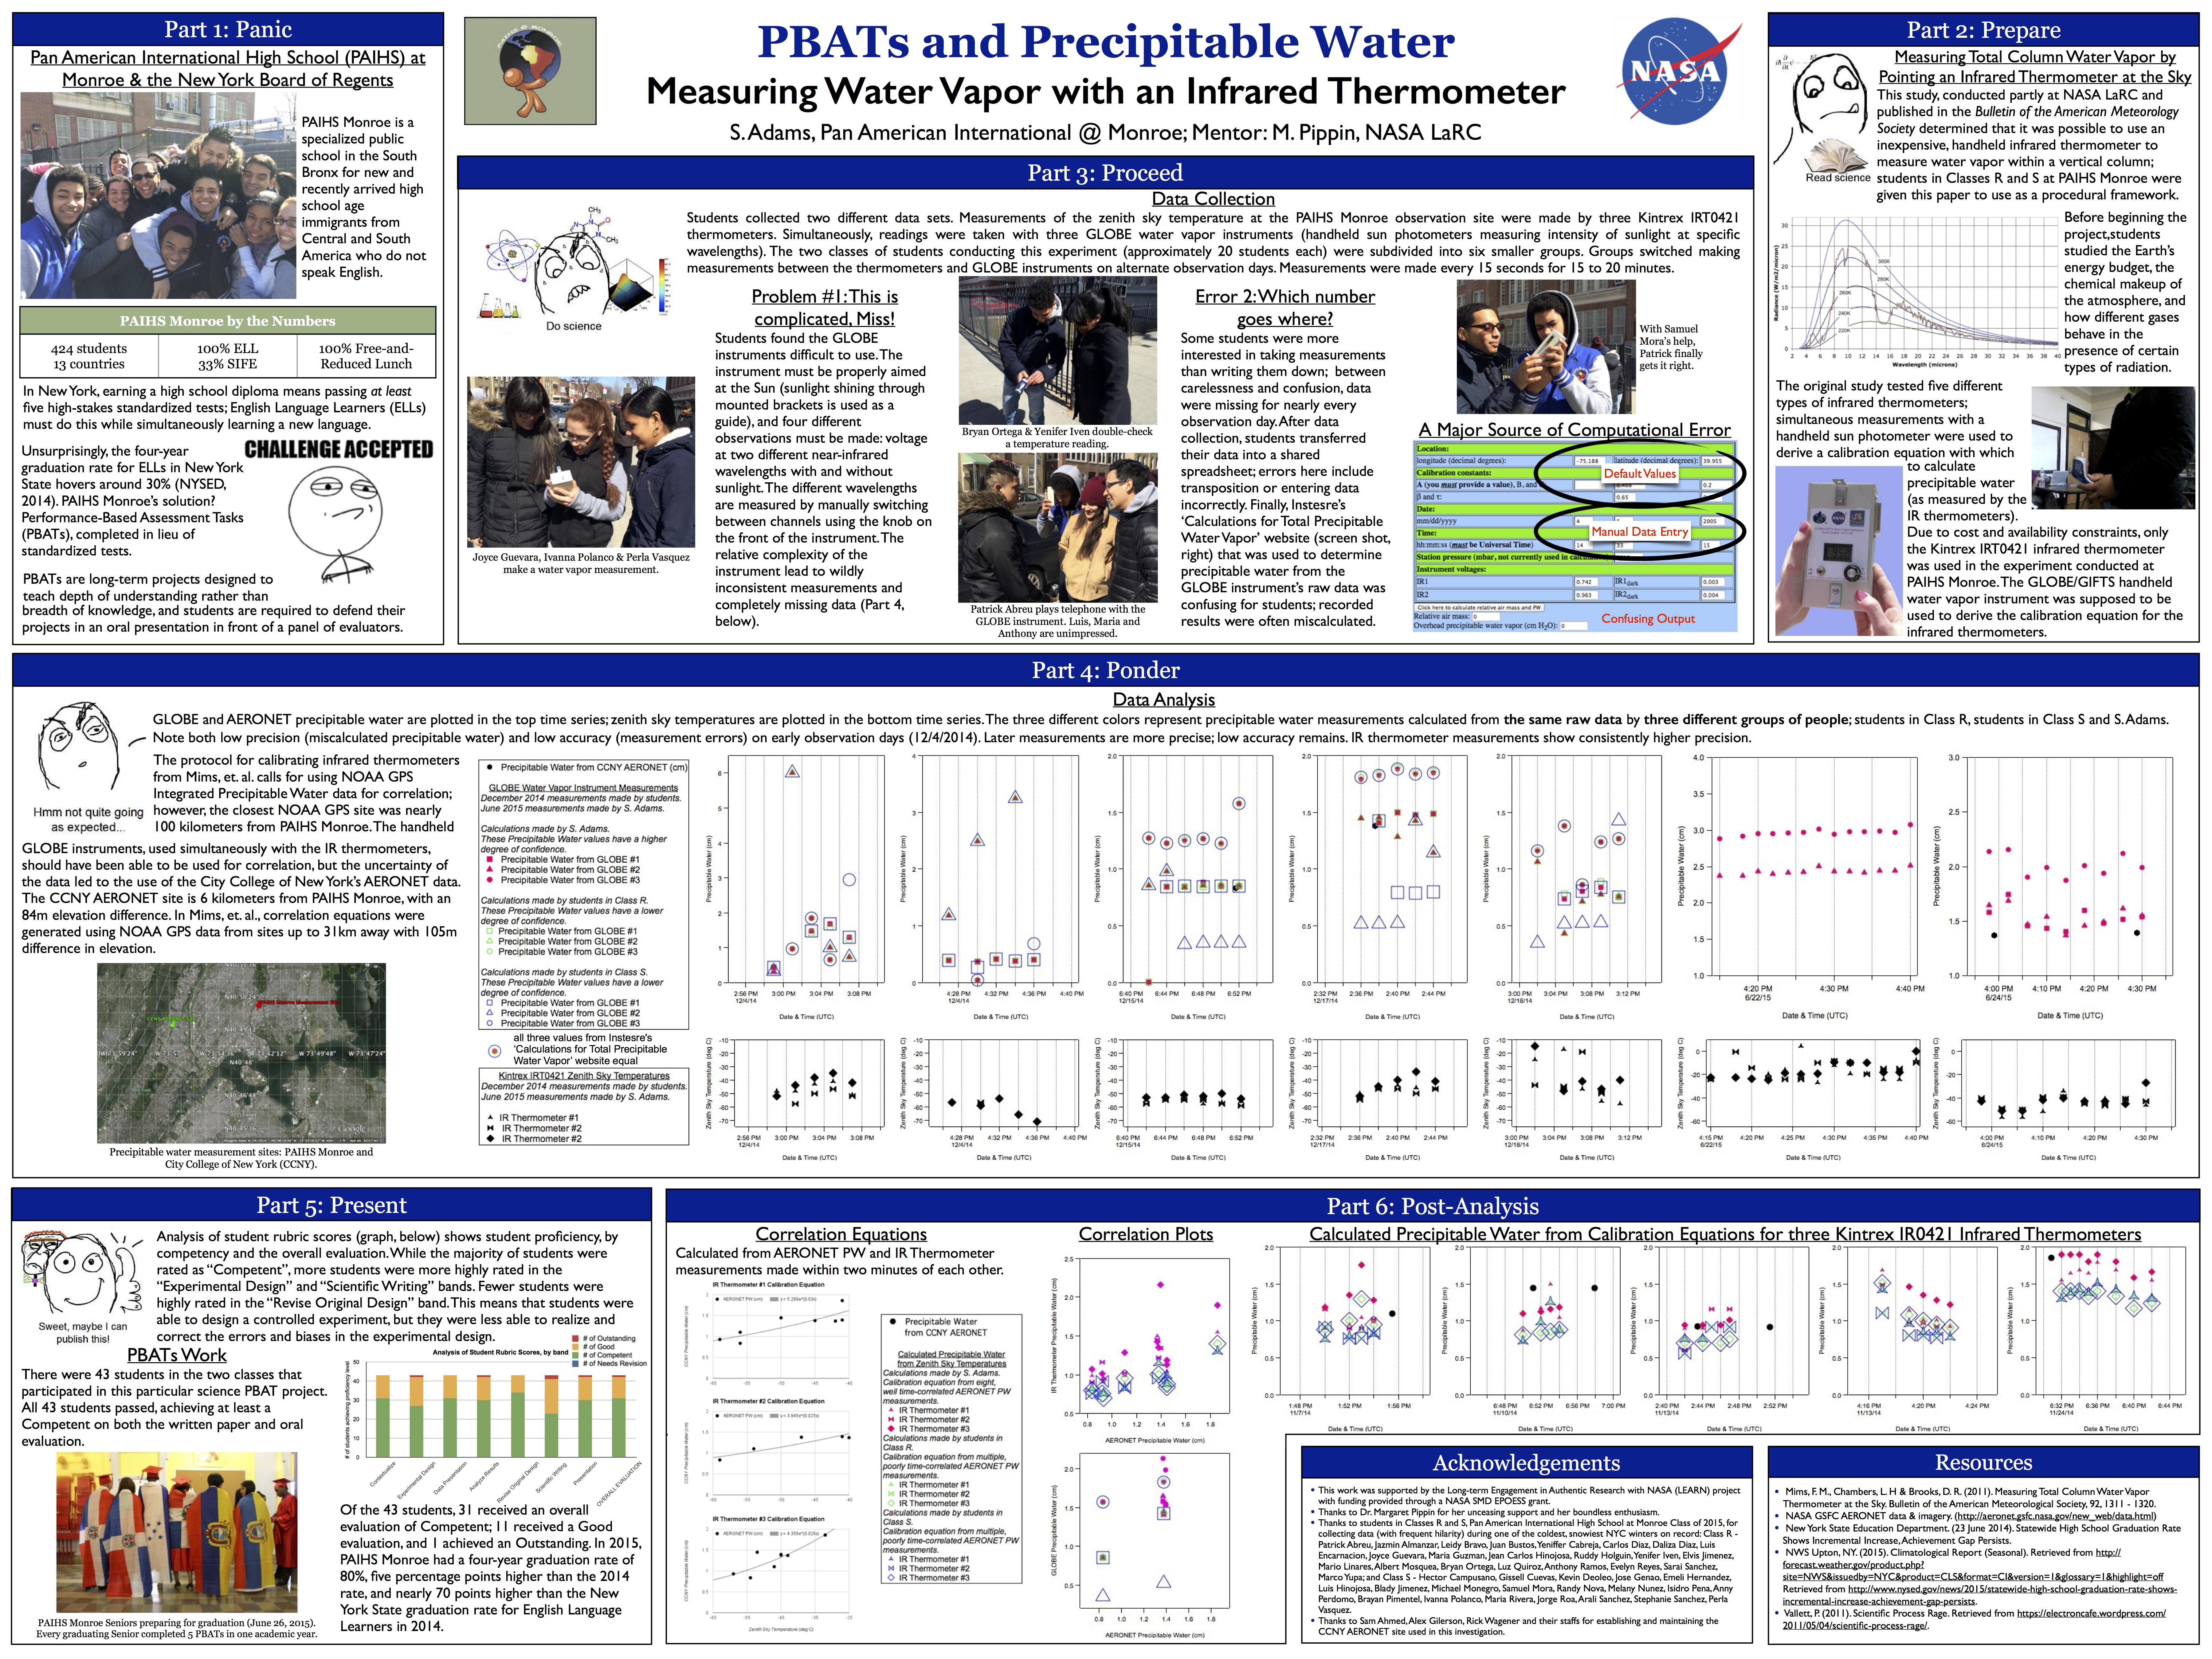 Scientific poster of atmospheric water vapor measurements.